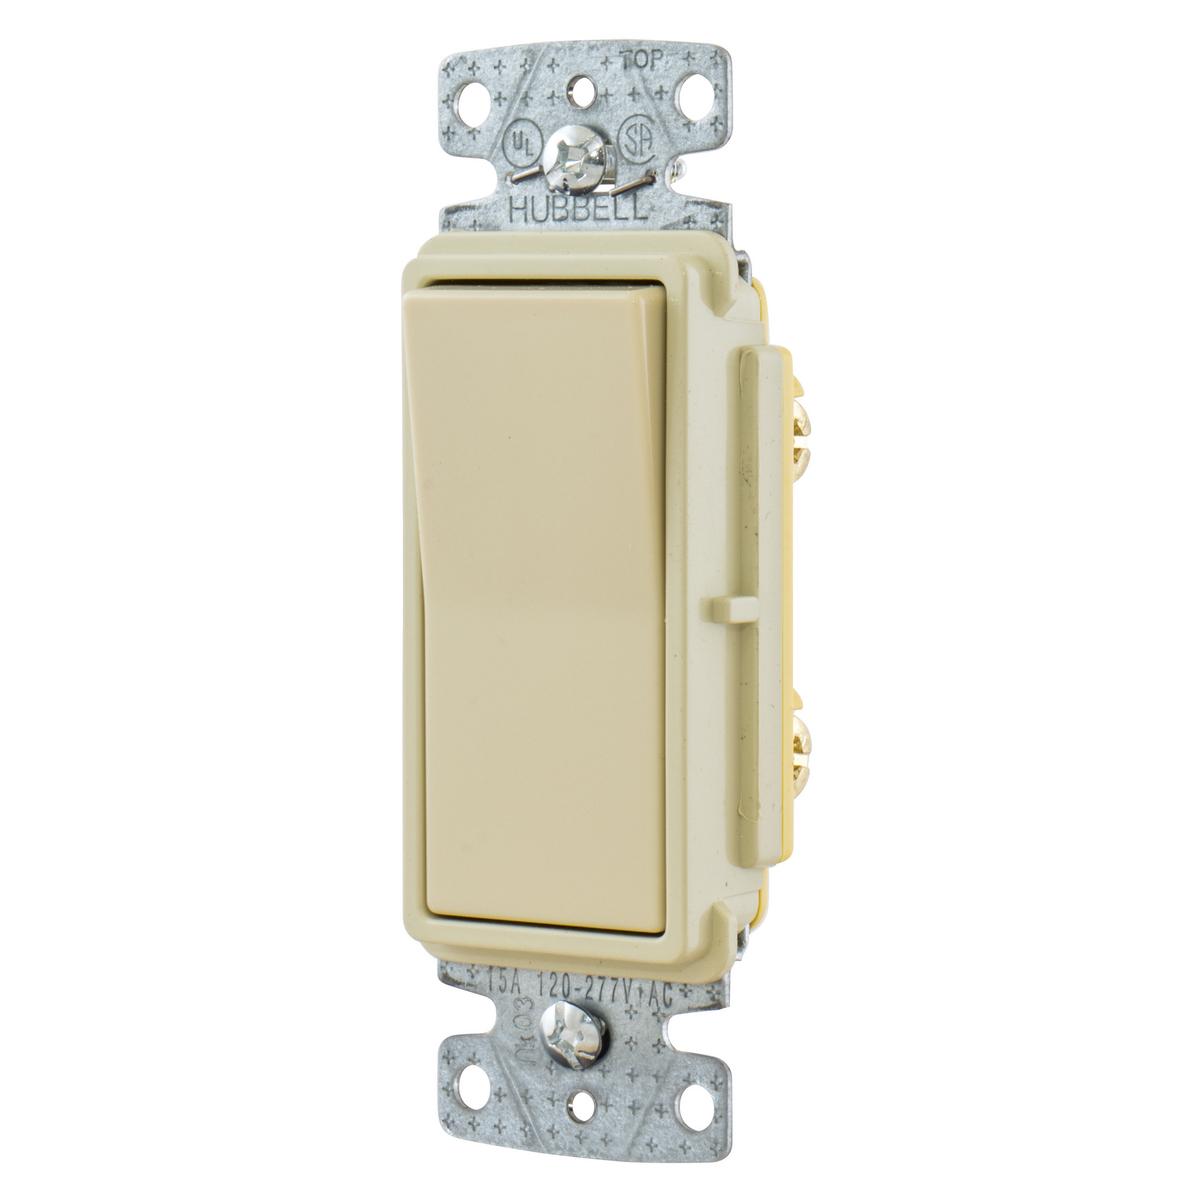 Hubbell RSD115I 15A Single Pole Decorator Rocker Switch, 120-277V - Ivory